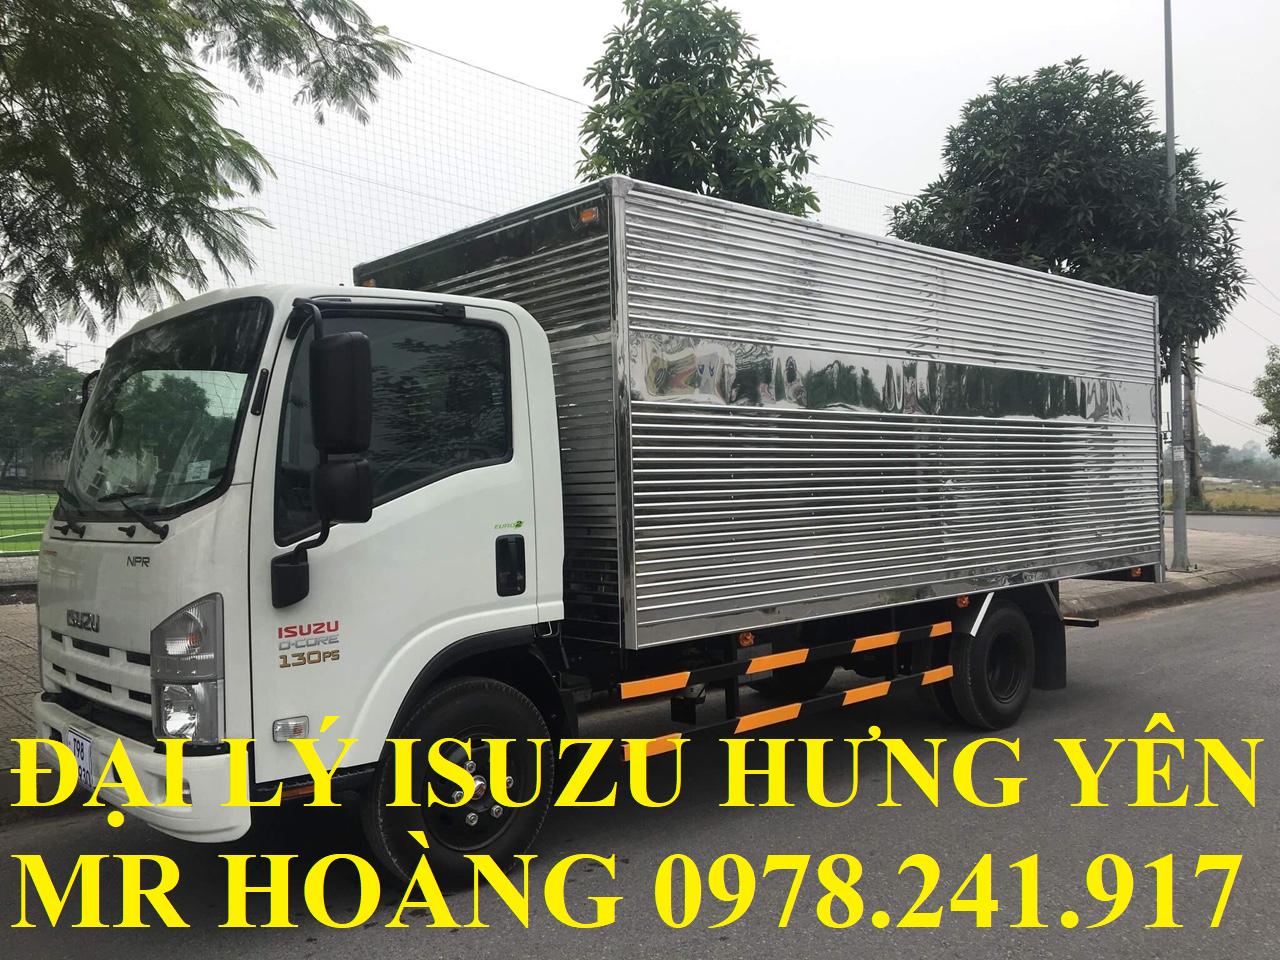 đại lý isuzu hưng yên bán xe tải isuzu 3,5 tấn thùng kín